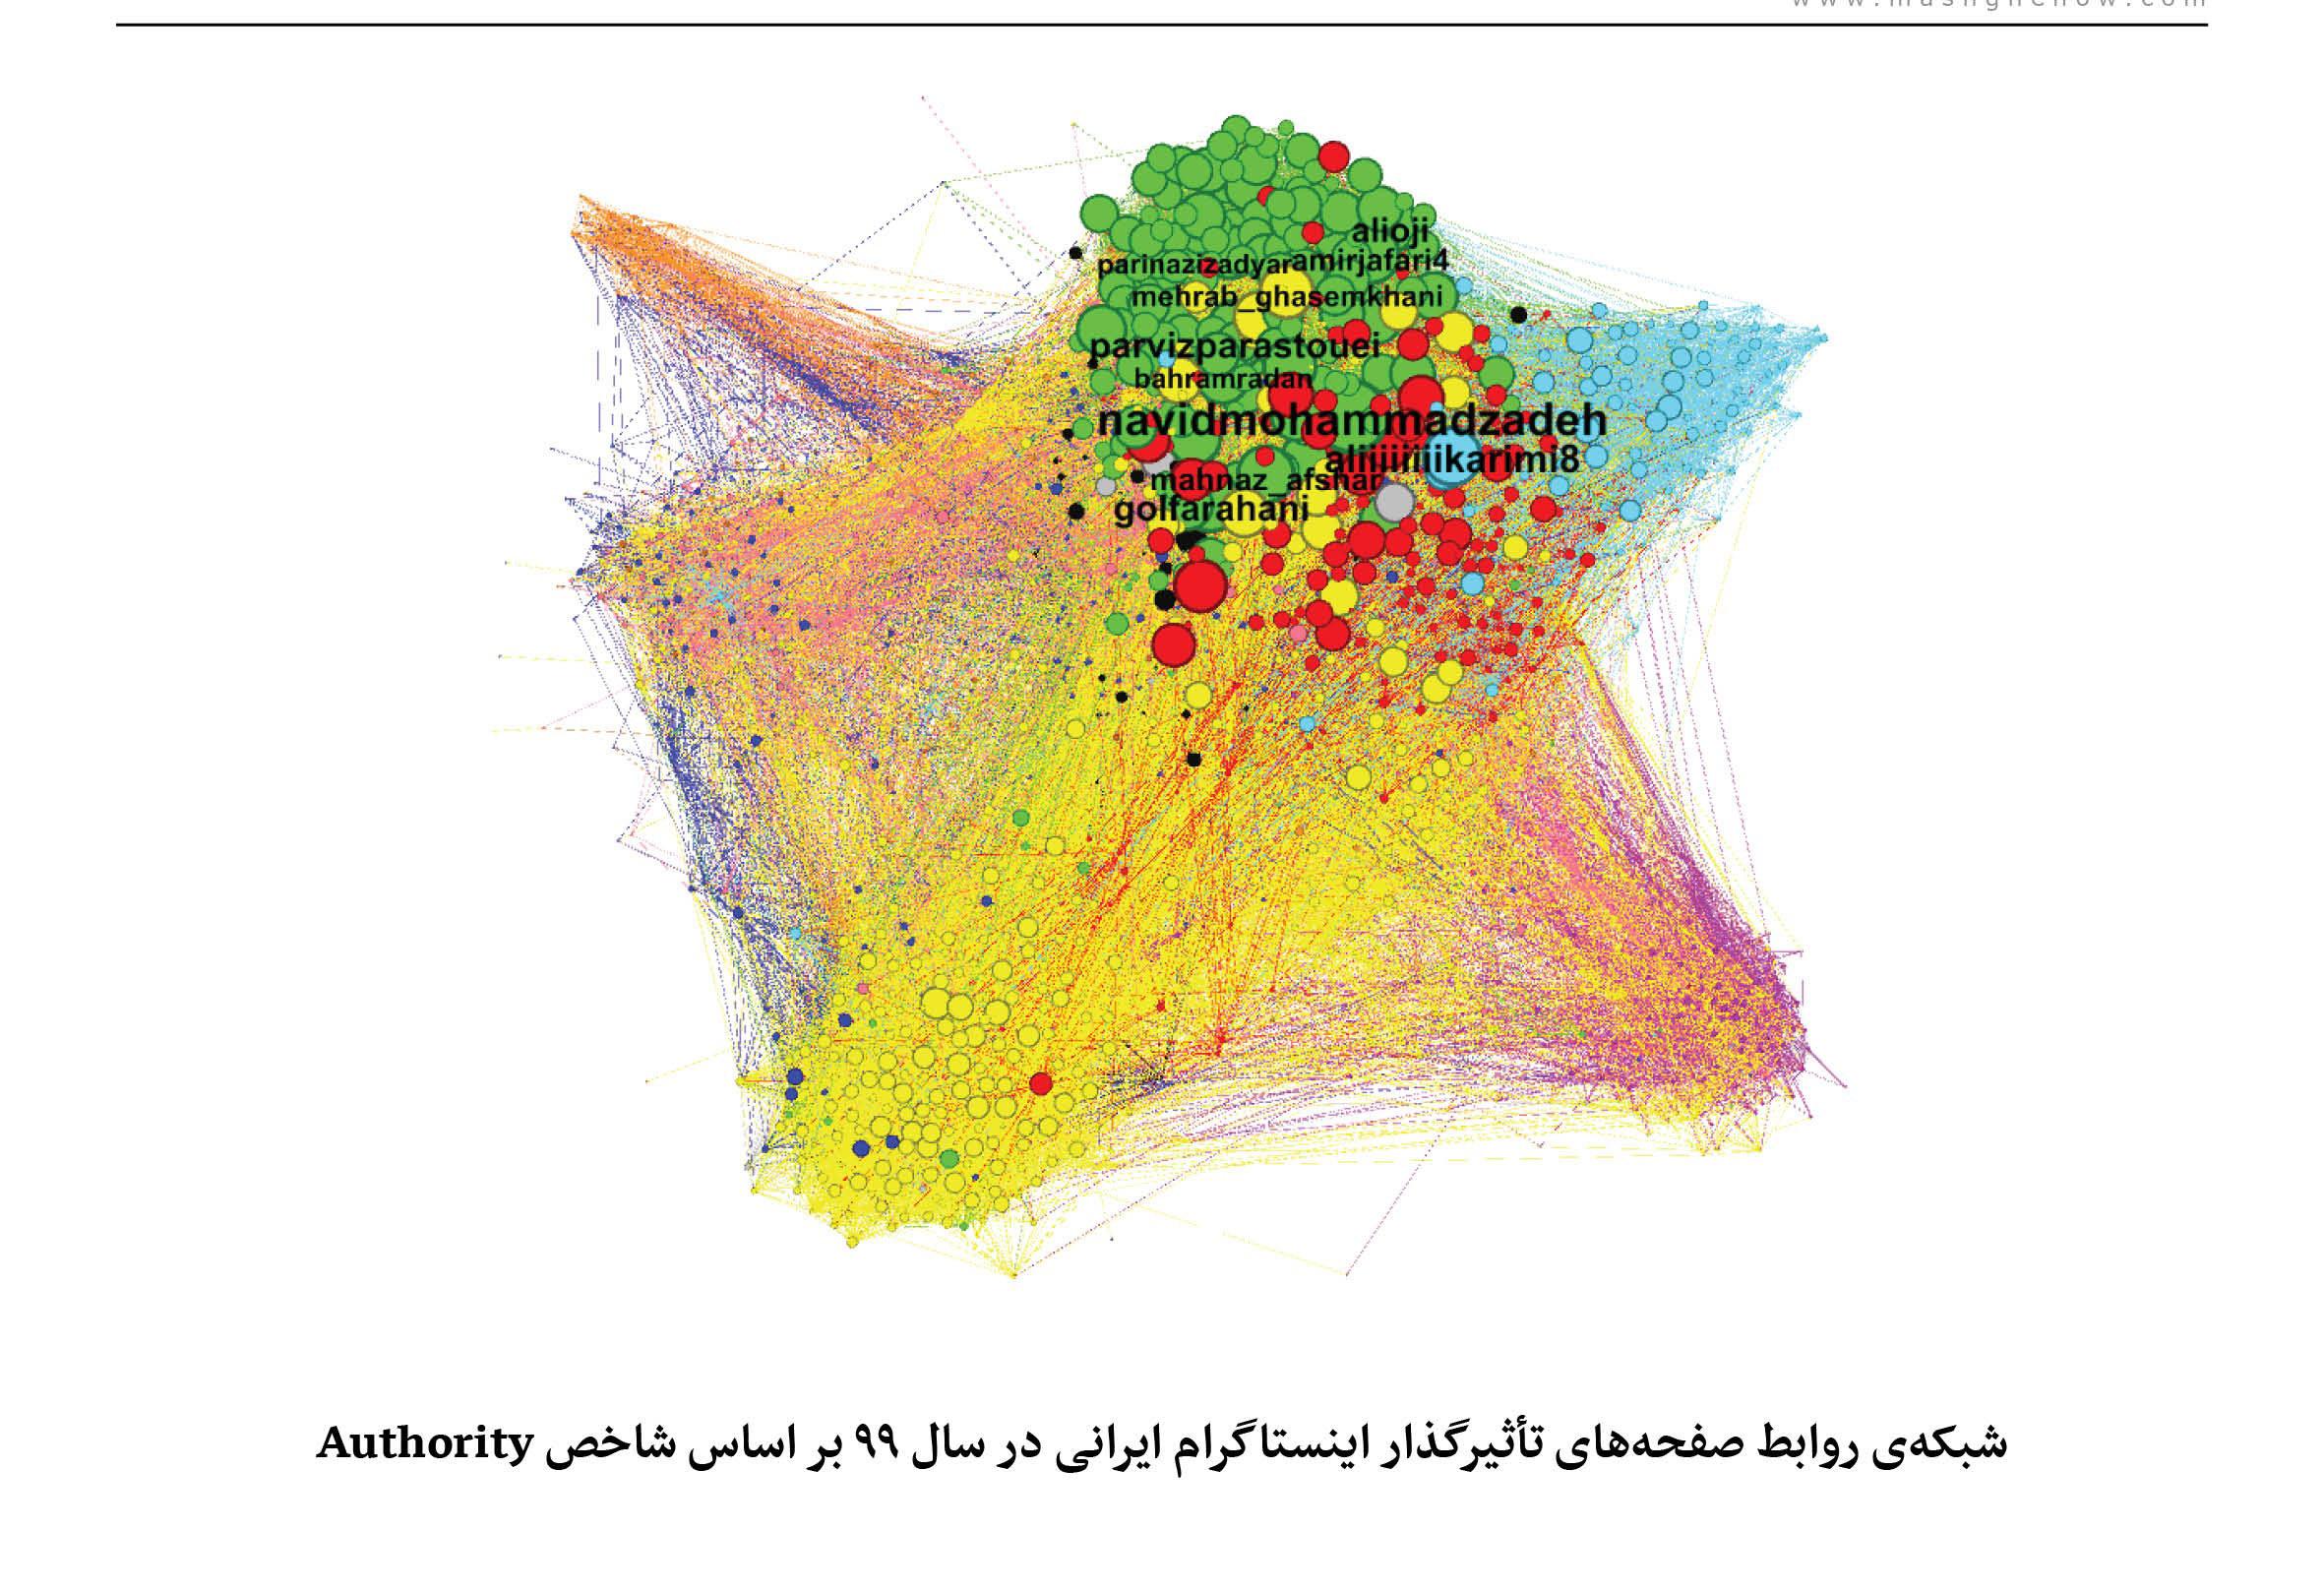 پیشرویهای آرام اینستاگرام ایرانی